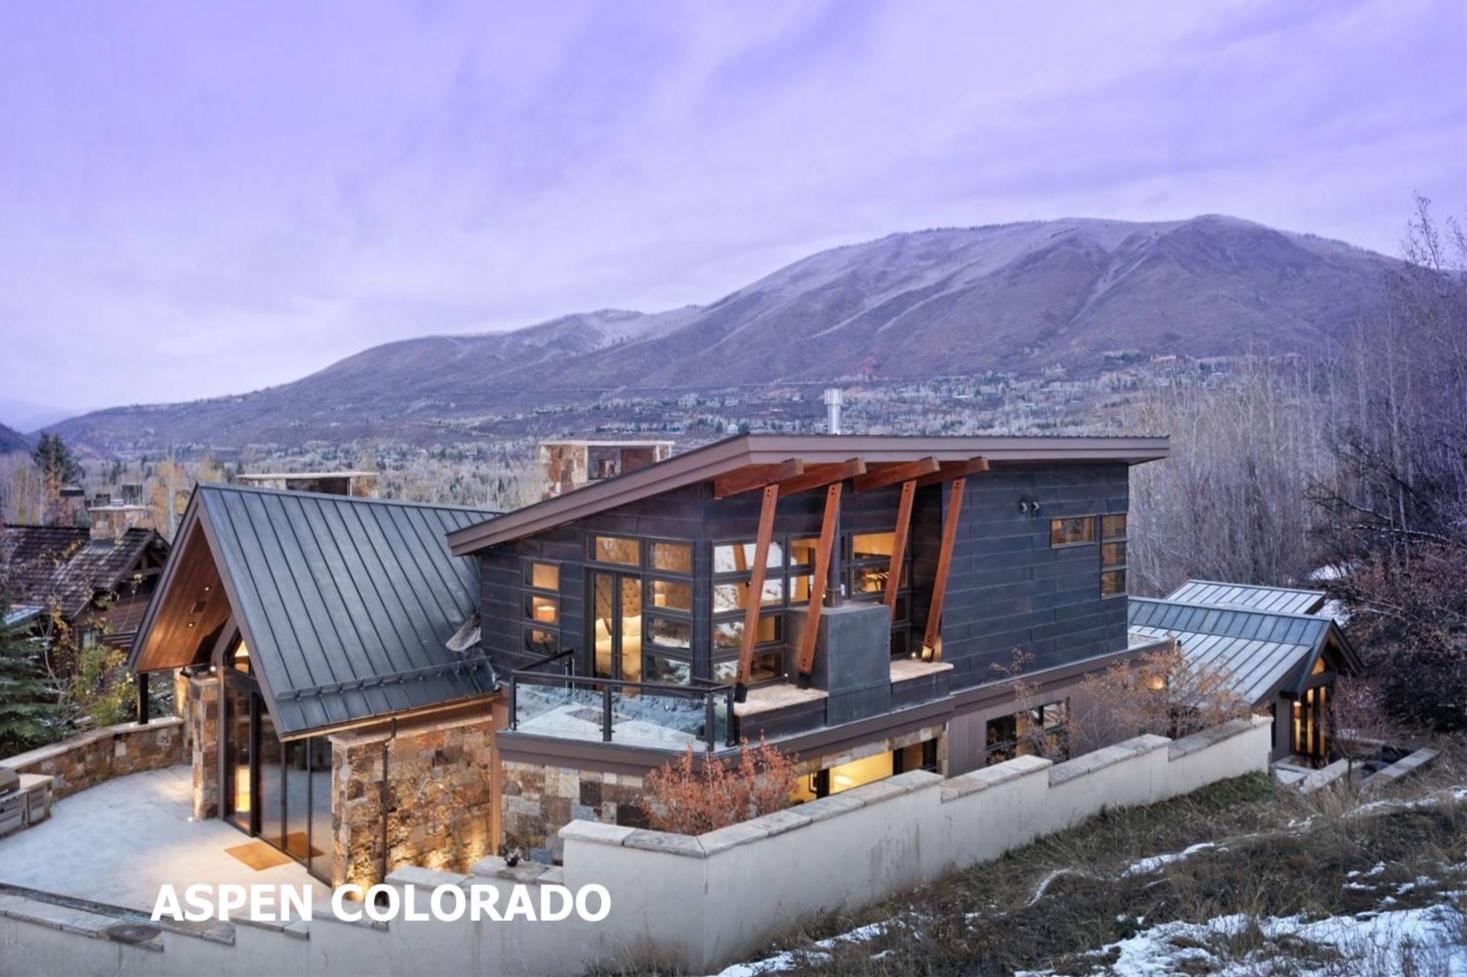 Aspen Colorado, Vacation Rental, Keller Hotels Villa.jpeg